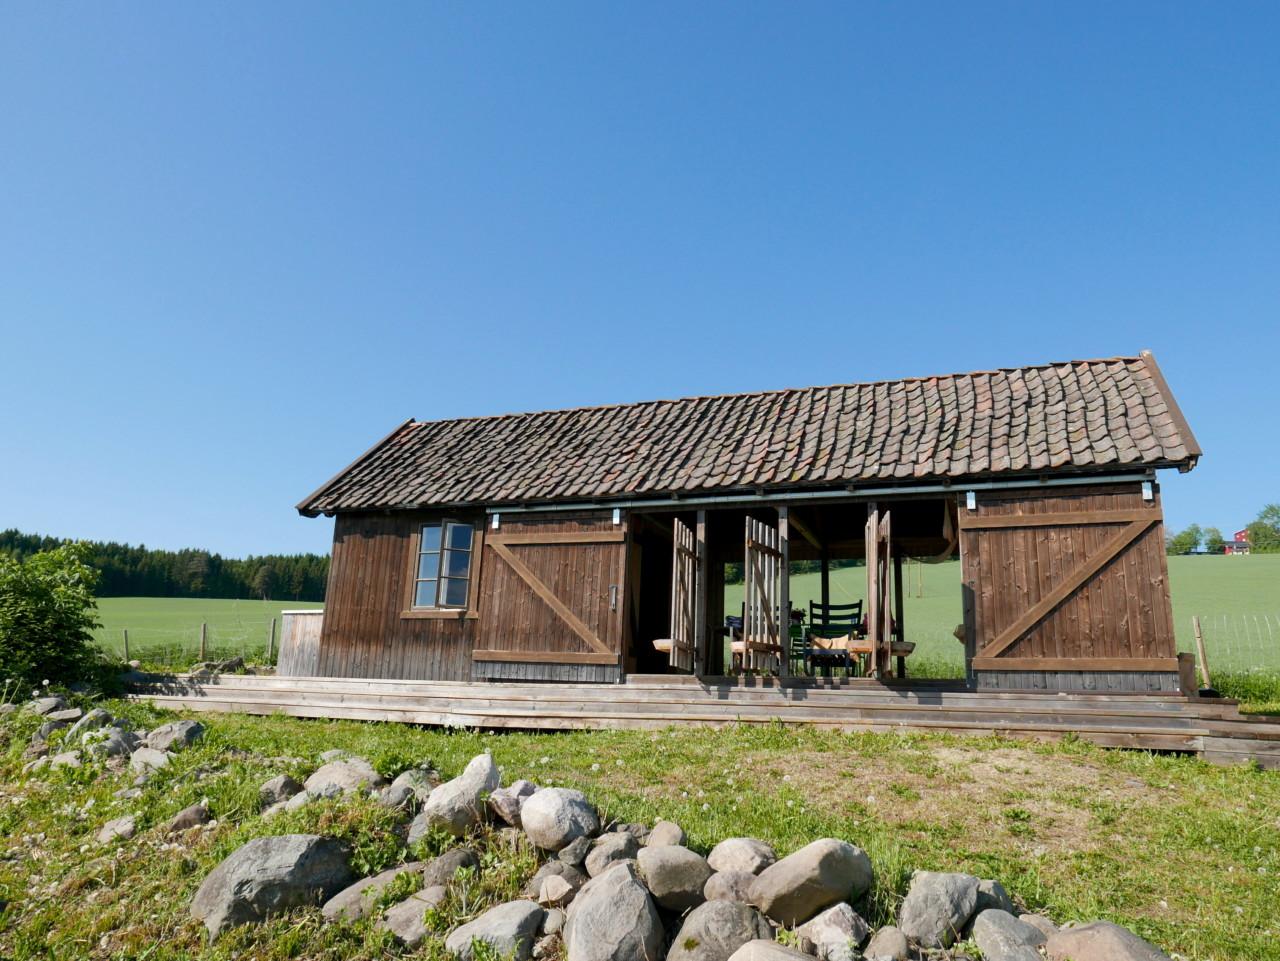 sommerfjoset-hovelsrudhagen-green-house